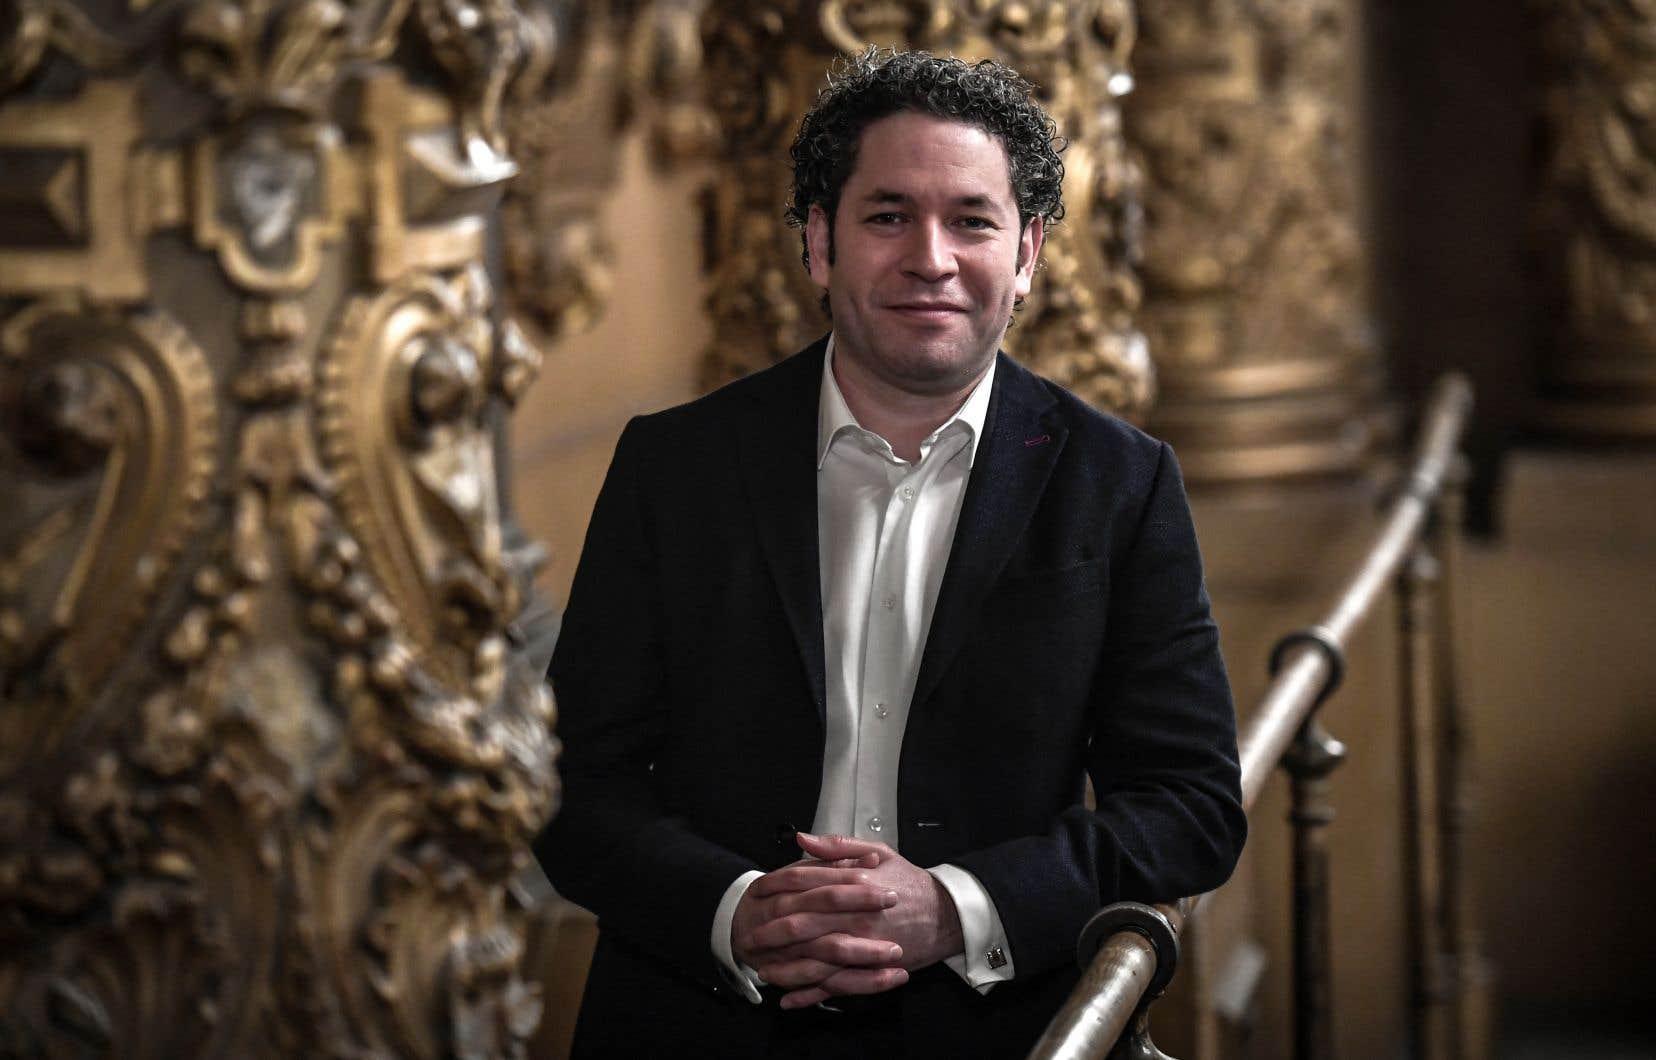 Le maestro Gustavo Dudamel souhaite que l'Opéra devienne «une plateforme pour l'avenir» pour que «tout le monde se sente représenté» par cette maison.